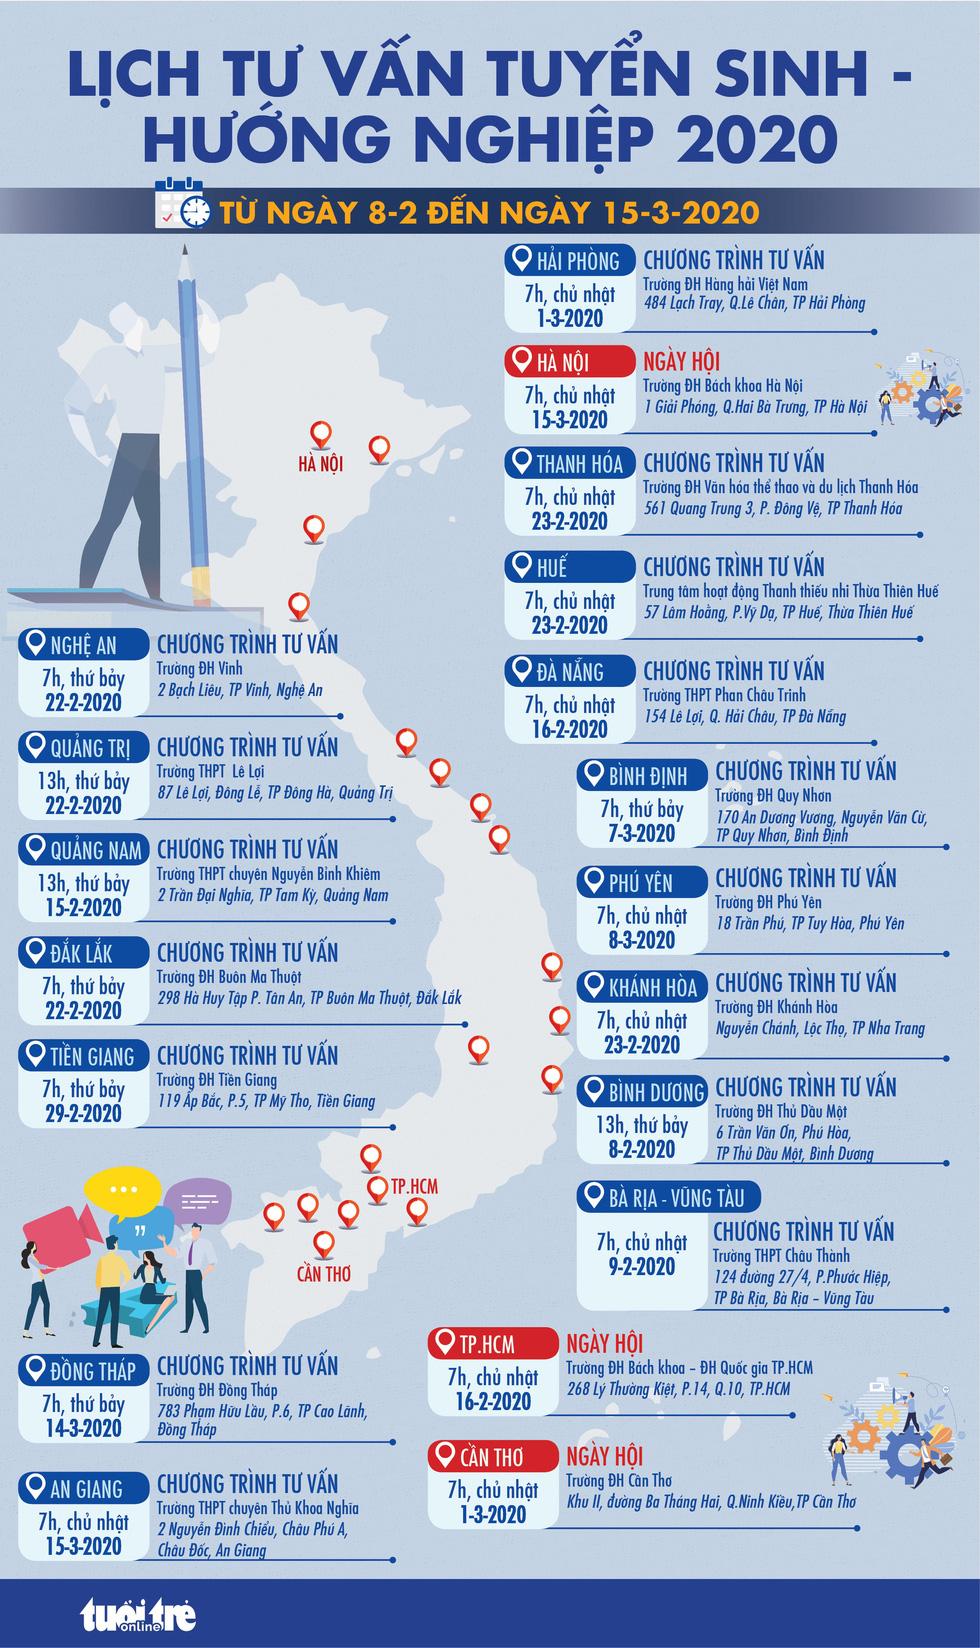 Năm 2020, báo Tuổi Trẻ tổ chức tư vấn tuyển sinh tại 19 tỉnh, thành - Ảnh 1.